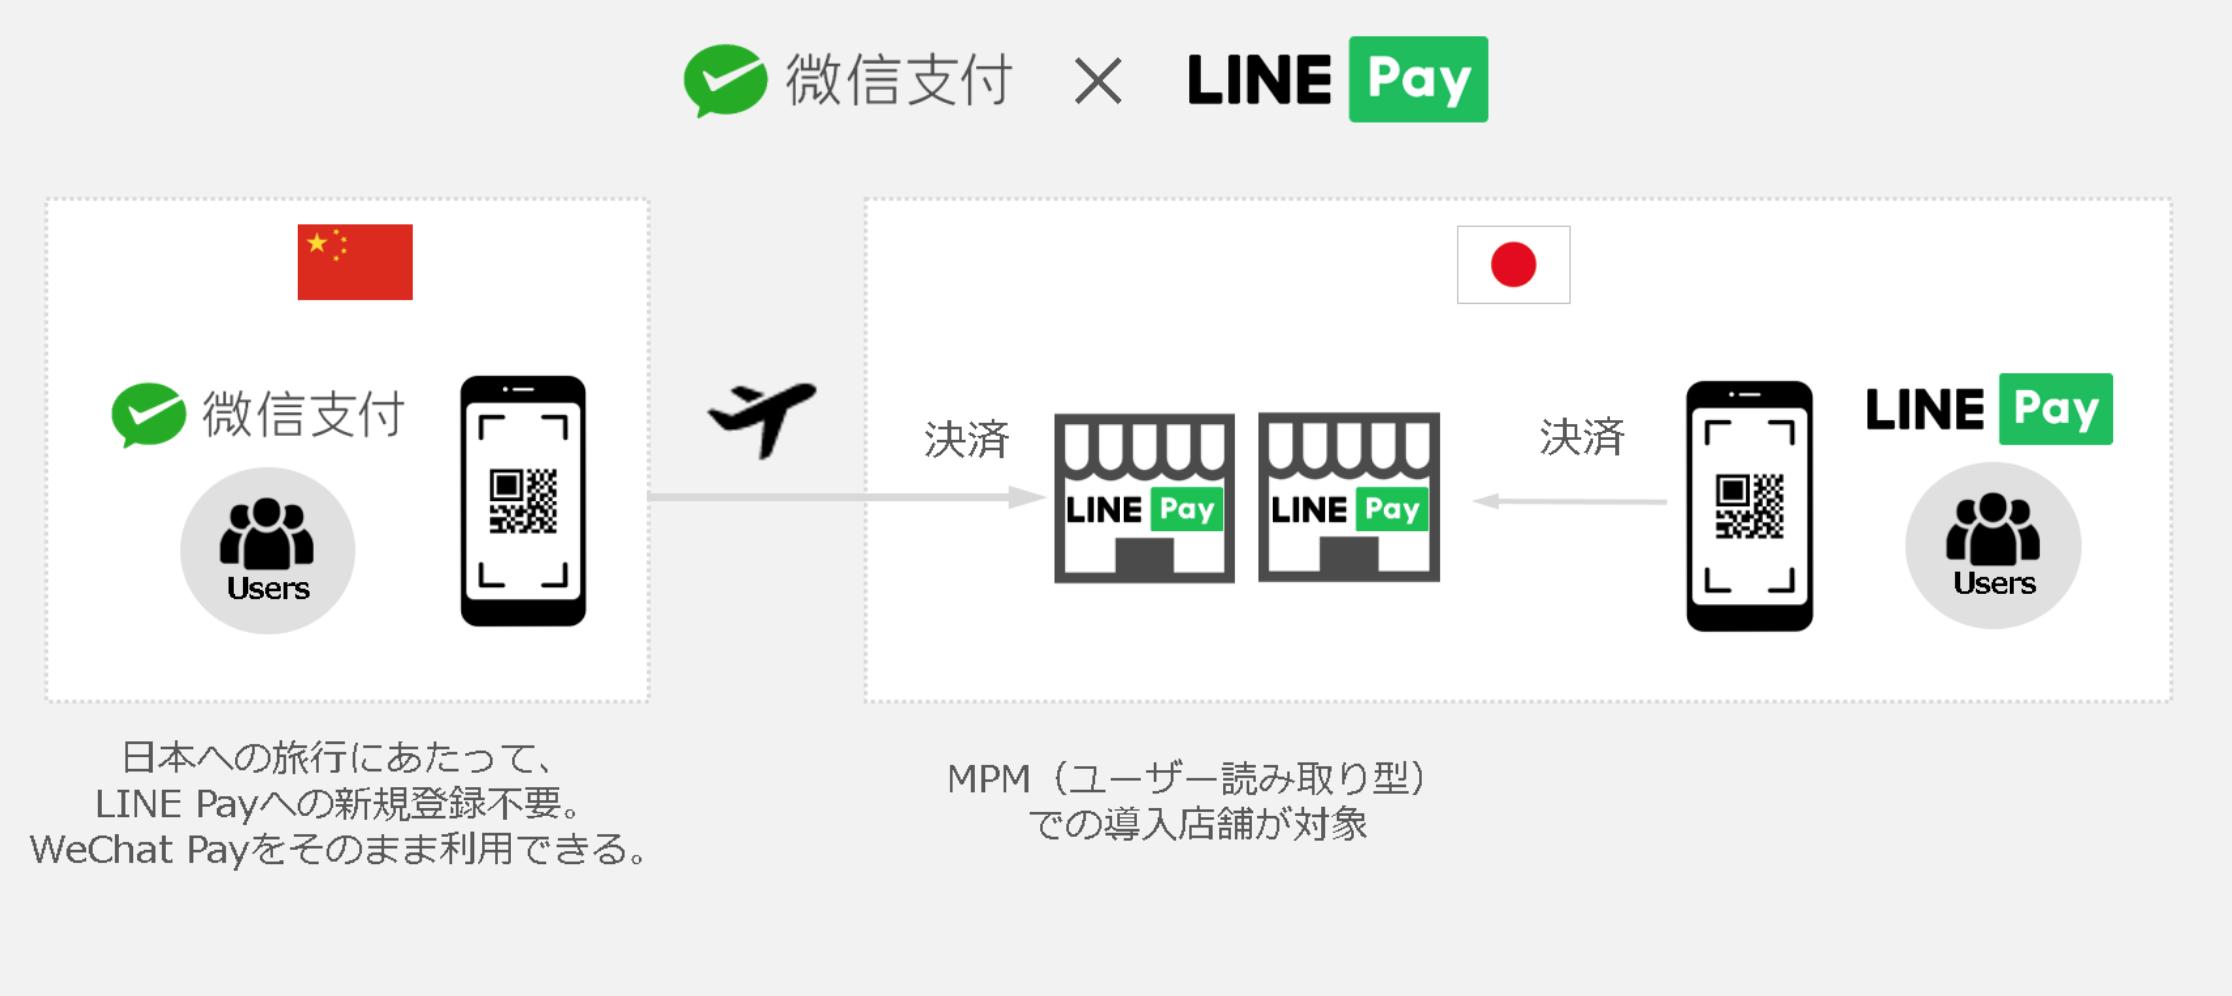 微信与 LINE 结盟,在日本扫 LINE Pay 二维码也能用微信付款了